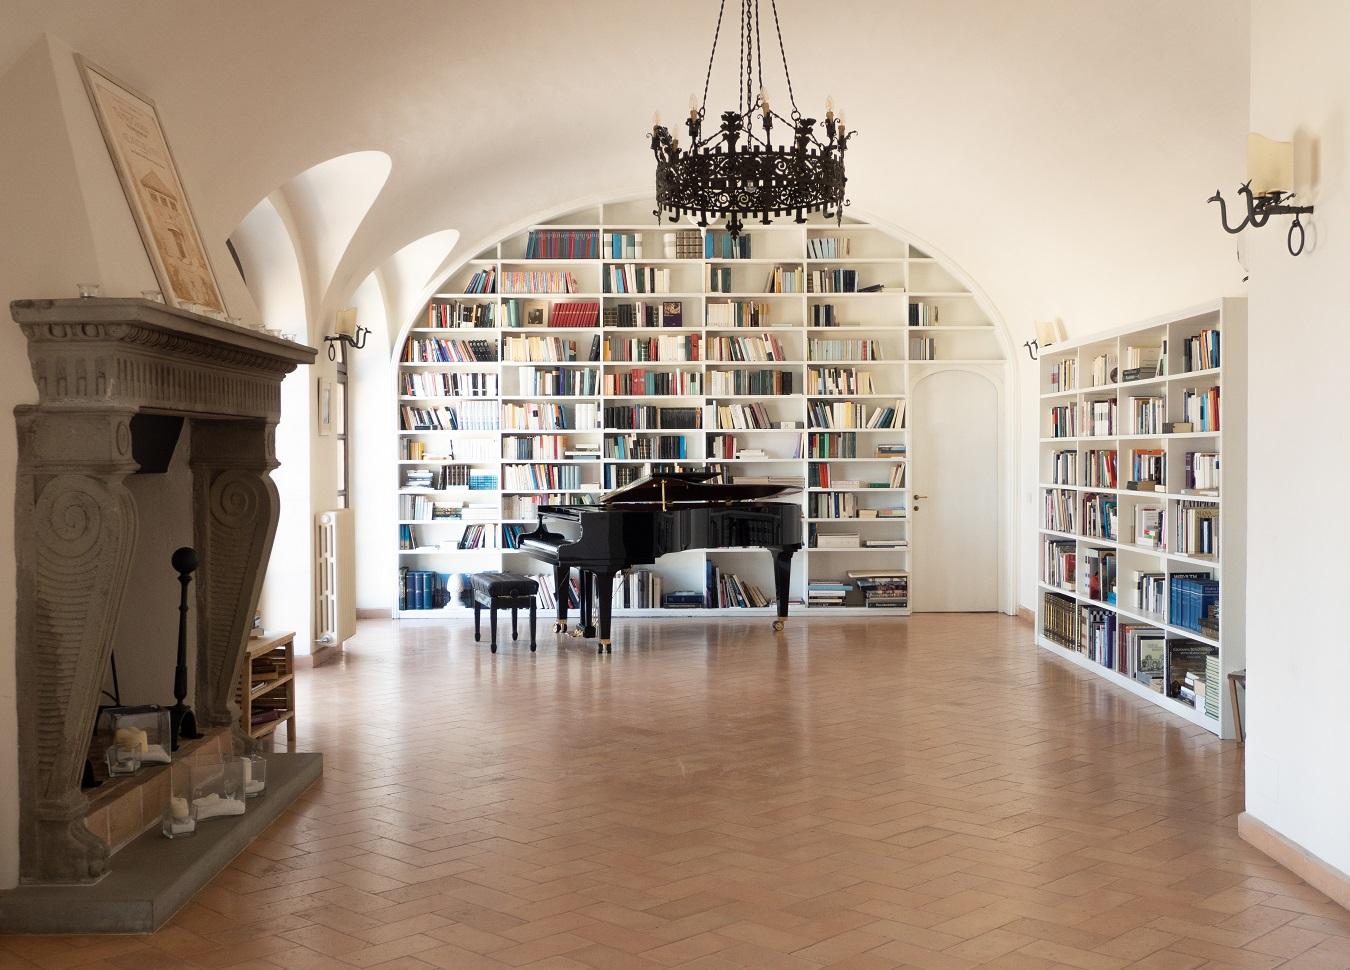 La Biblioteca Brunello Cucinelli